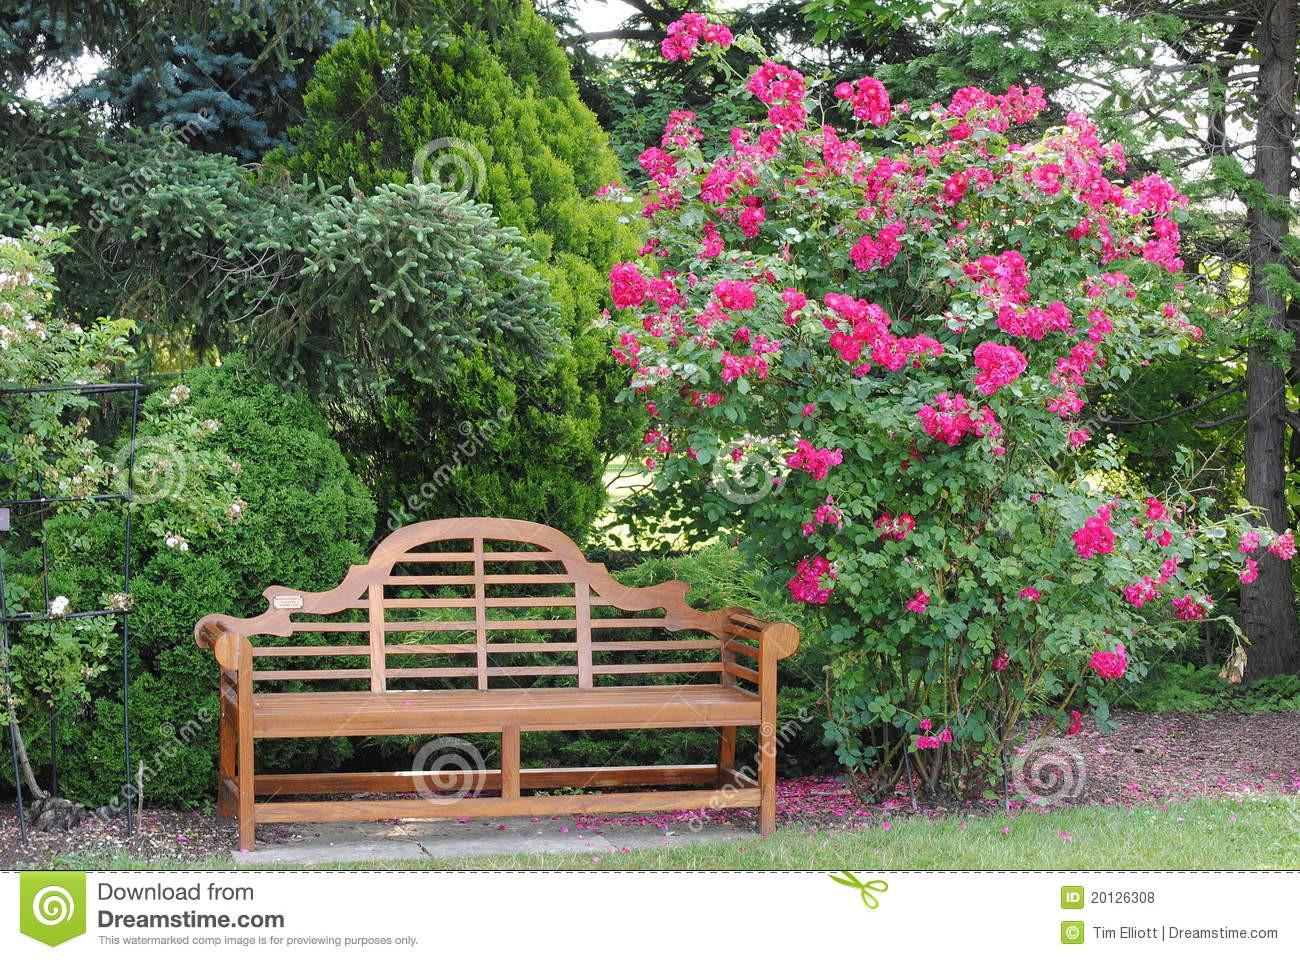 Garten Bank  Rosenbusch Und Eine Garten Bank Stockfoto Bild von busch